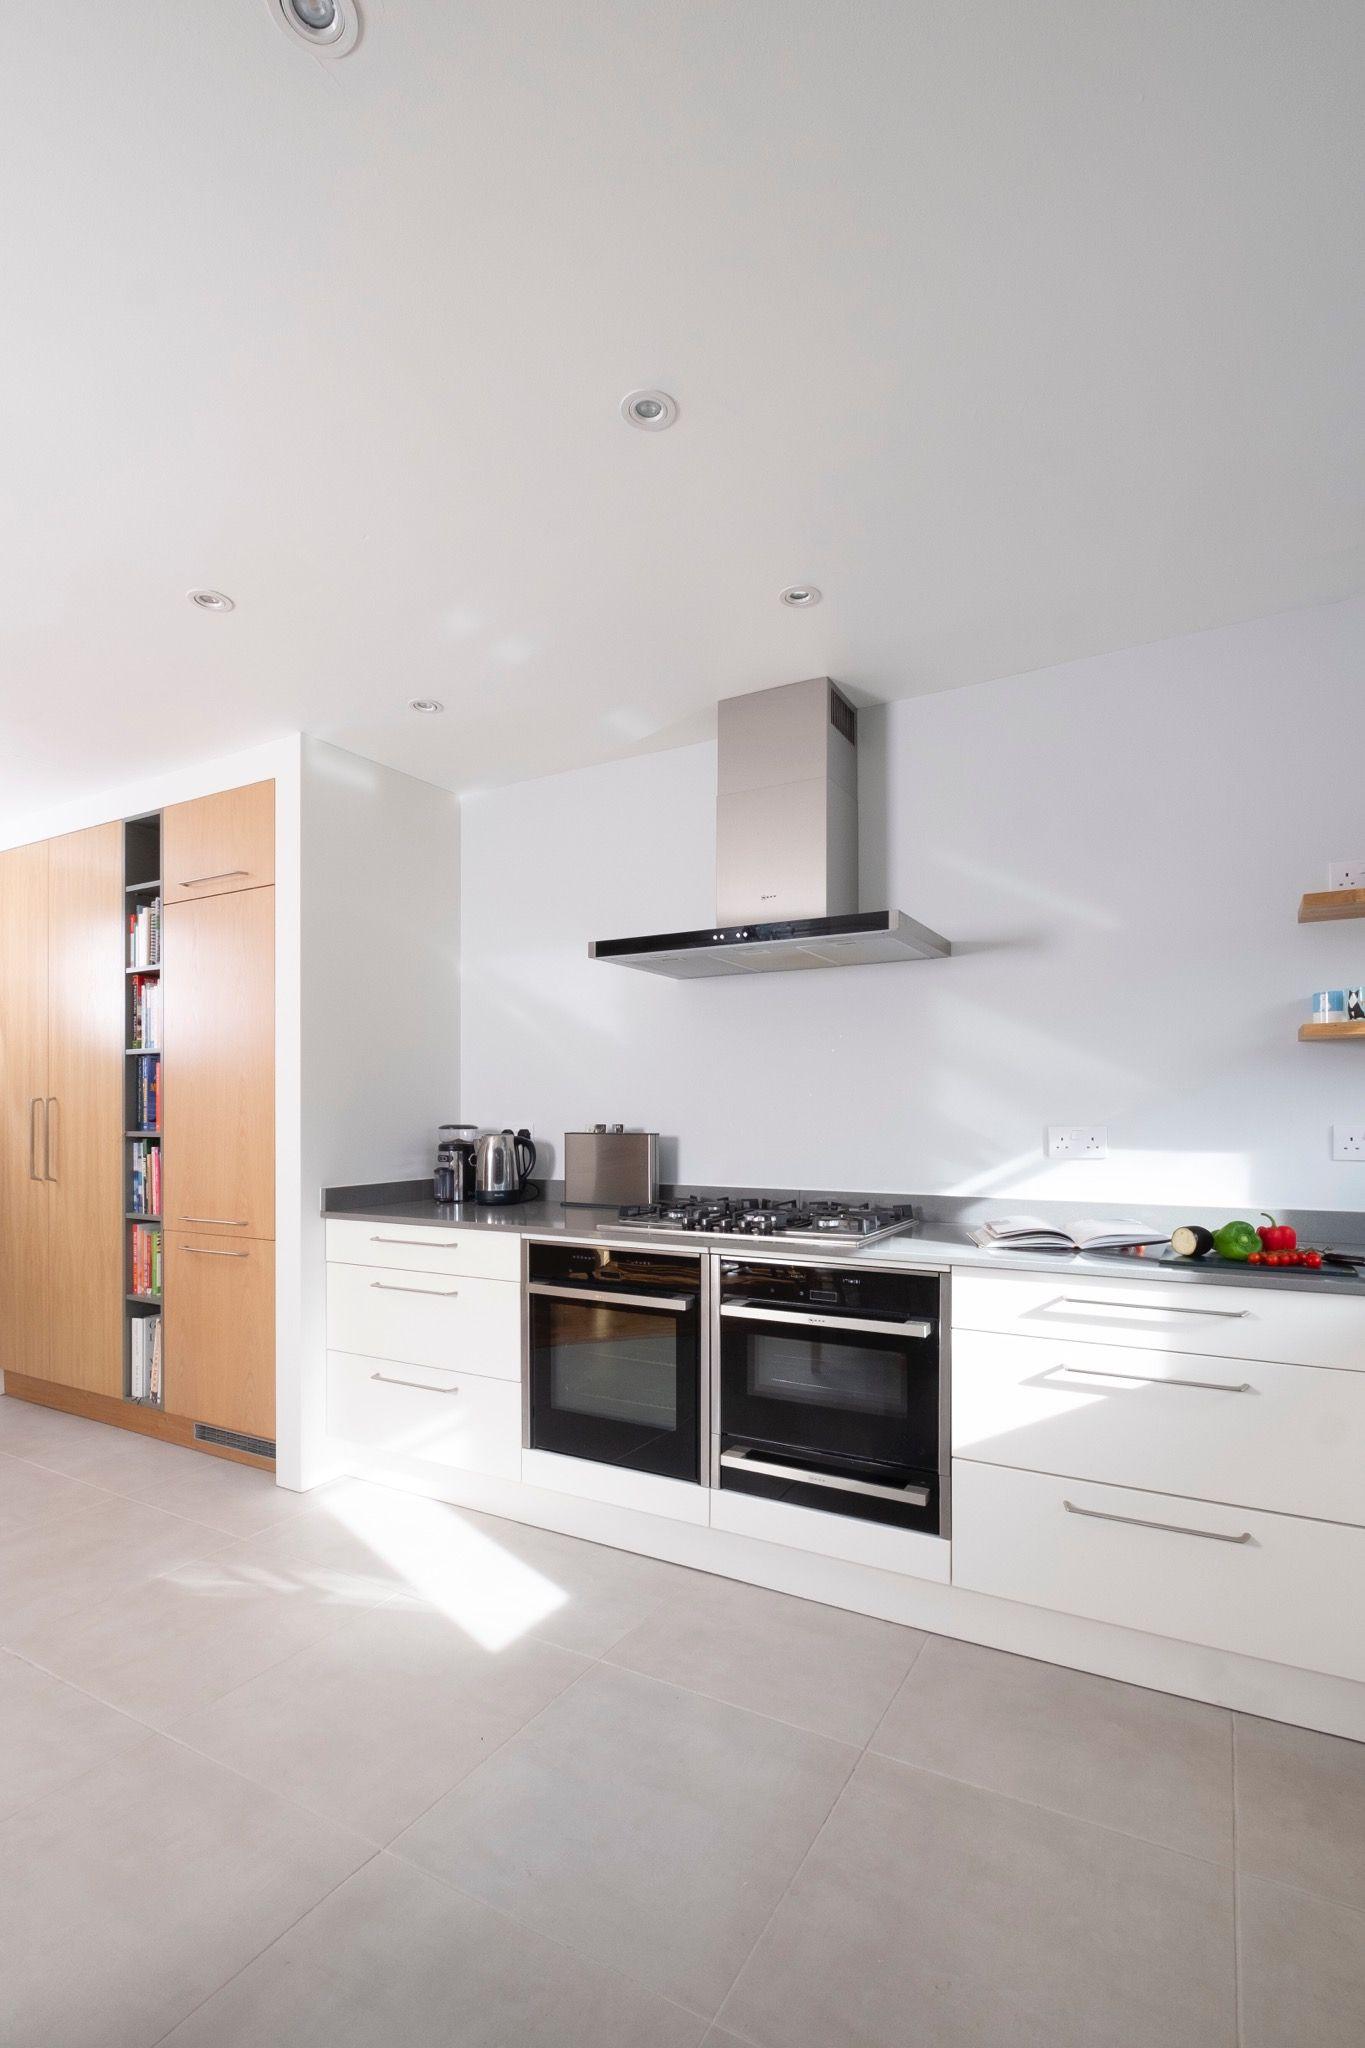 Pin by Sanda Dana on Idei bucătărie Contemporary kitchen